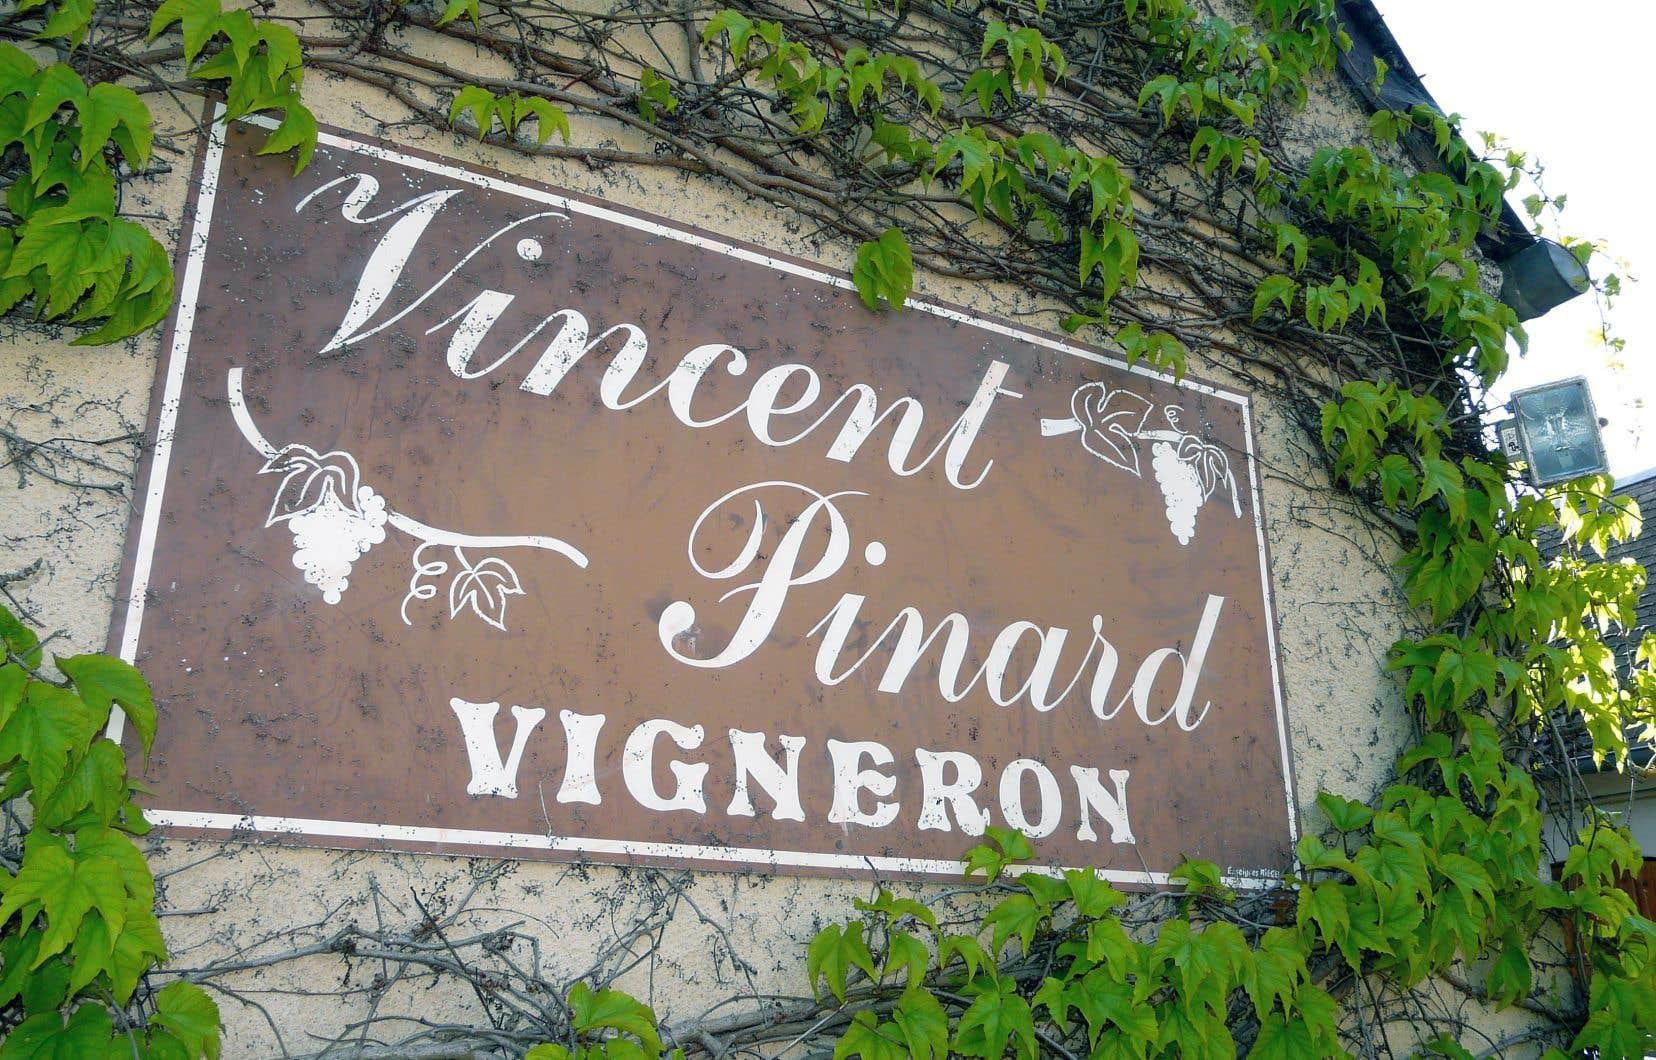 Le clan Pinard en Sancerrois: plus vigneron que ça, tu meurs!